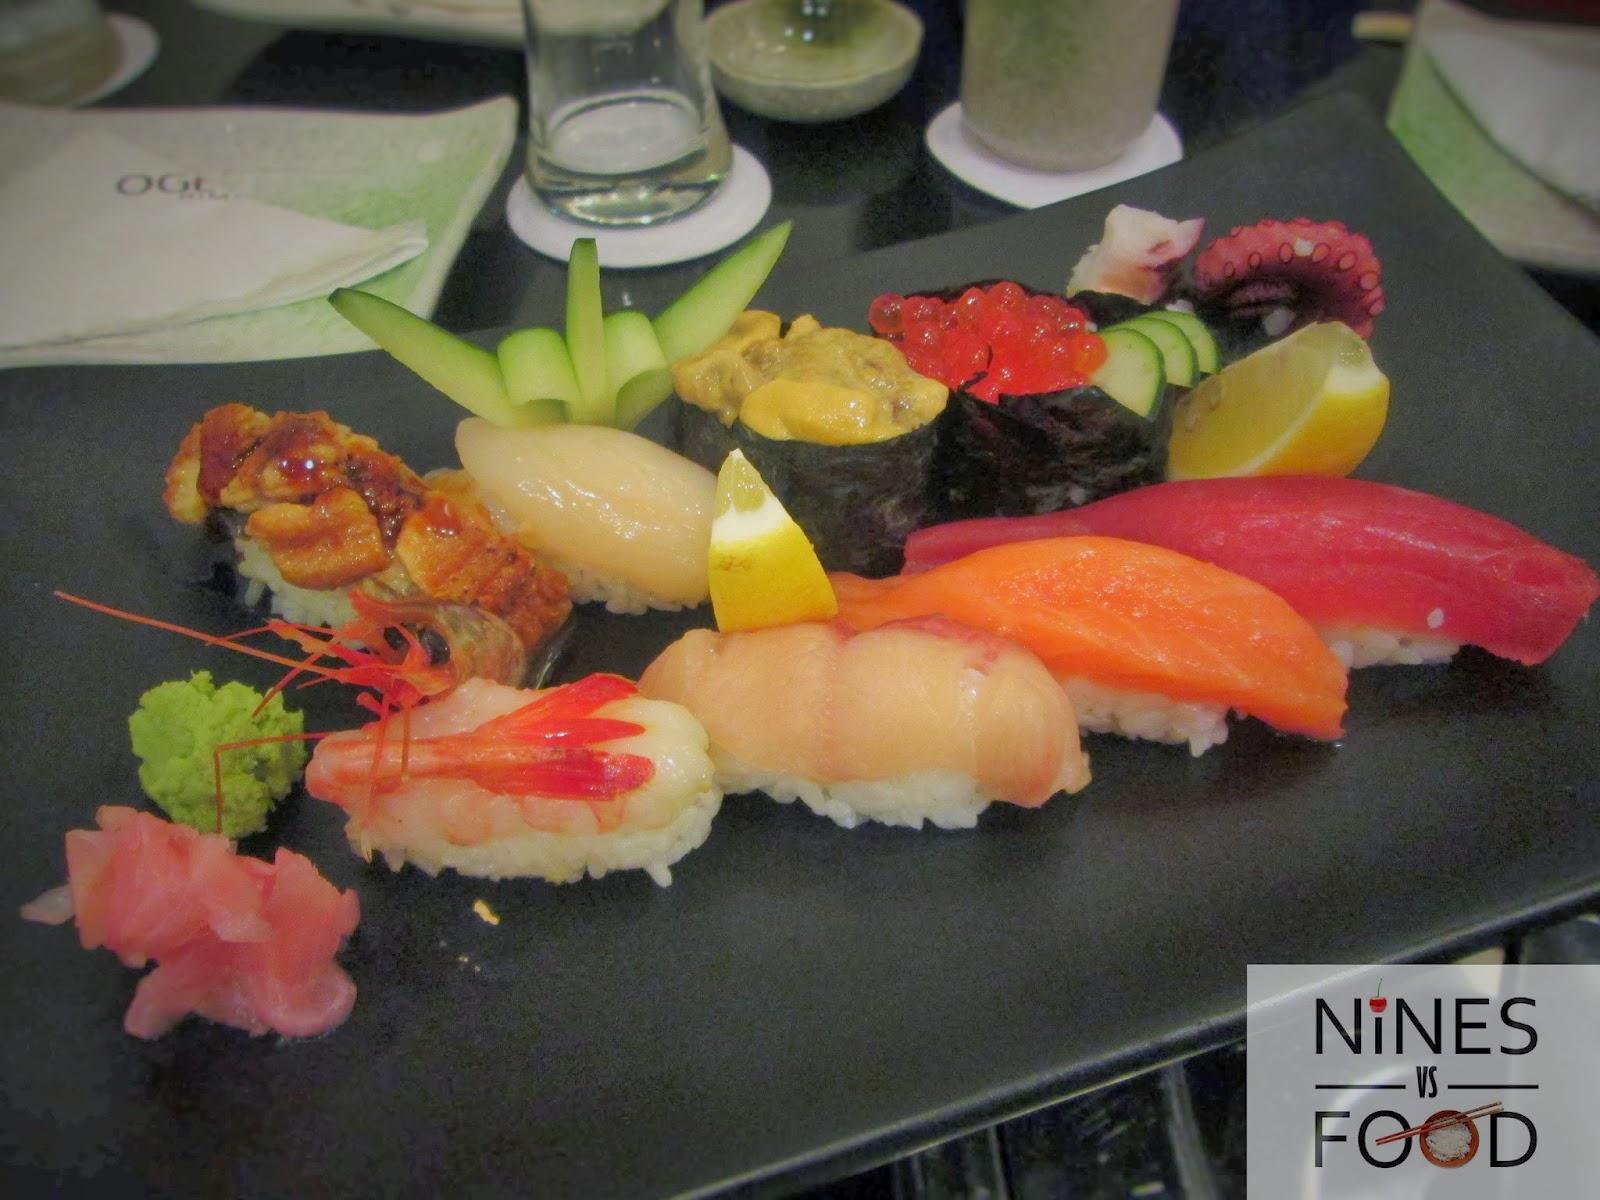 Nines vs. Food - Ogetsu Hime SM Aura Taguig-11.jpg